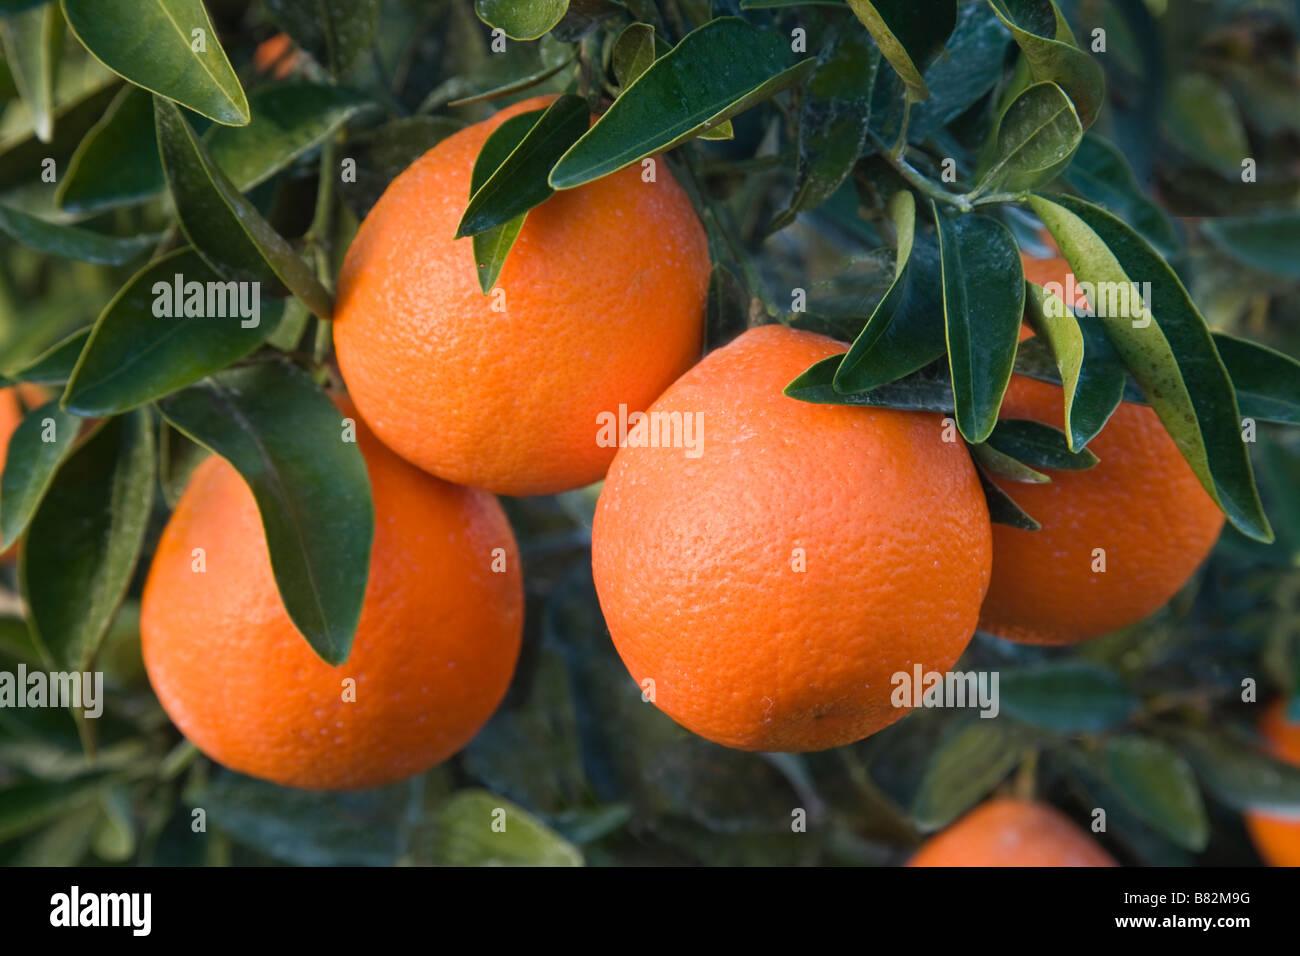 Mature Mineola Satsuma fruit on branch. - Stock Image